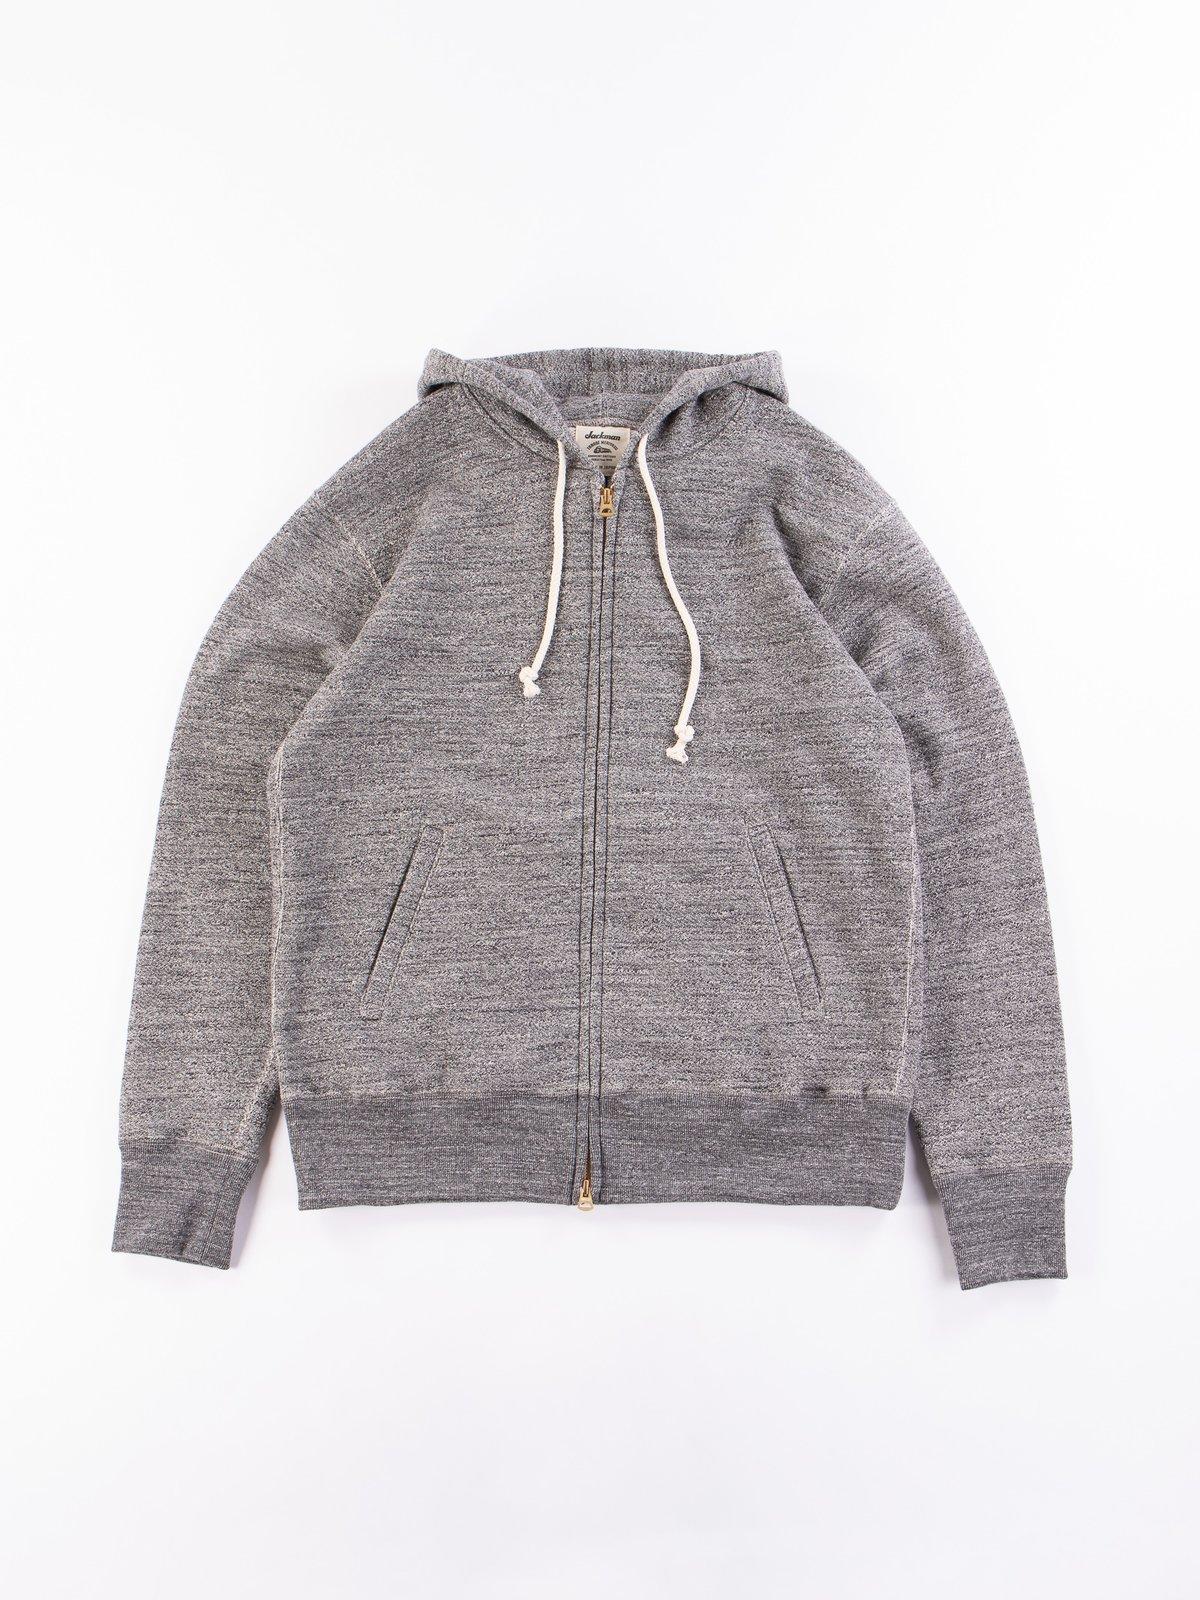 Charcoal GG Full Zip Sweatshirt - Image 1